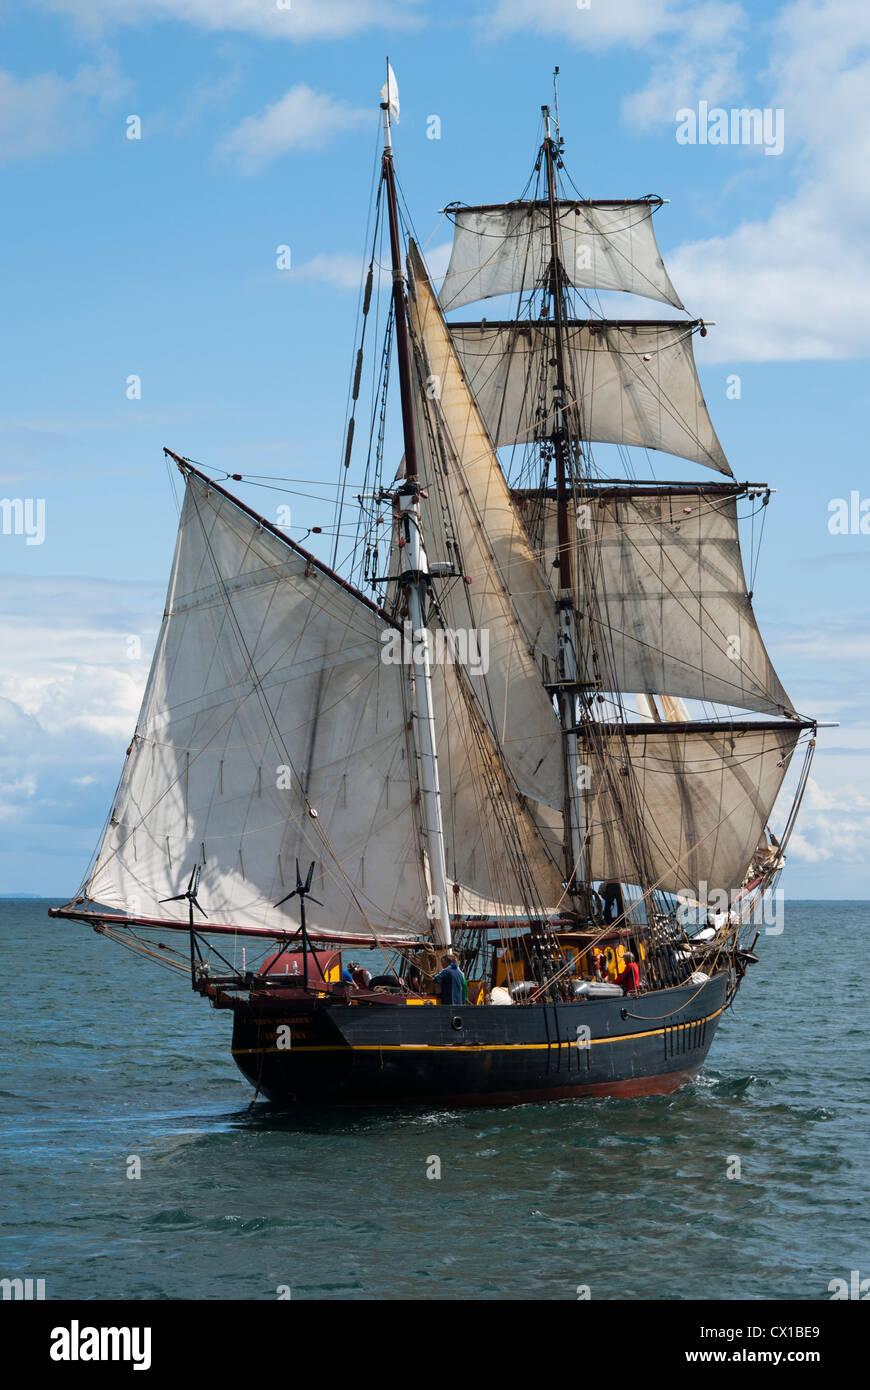 Tall Ship, le navire à voile et Cargo, Brigadine Tres Hombres, et deux mâts goélette gréé carré Banque D'Images